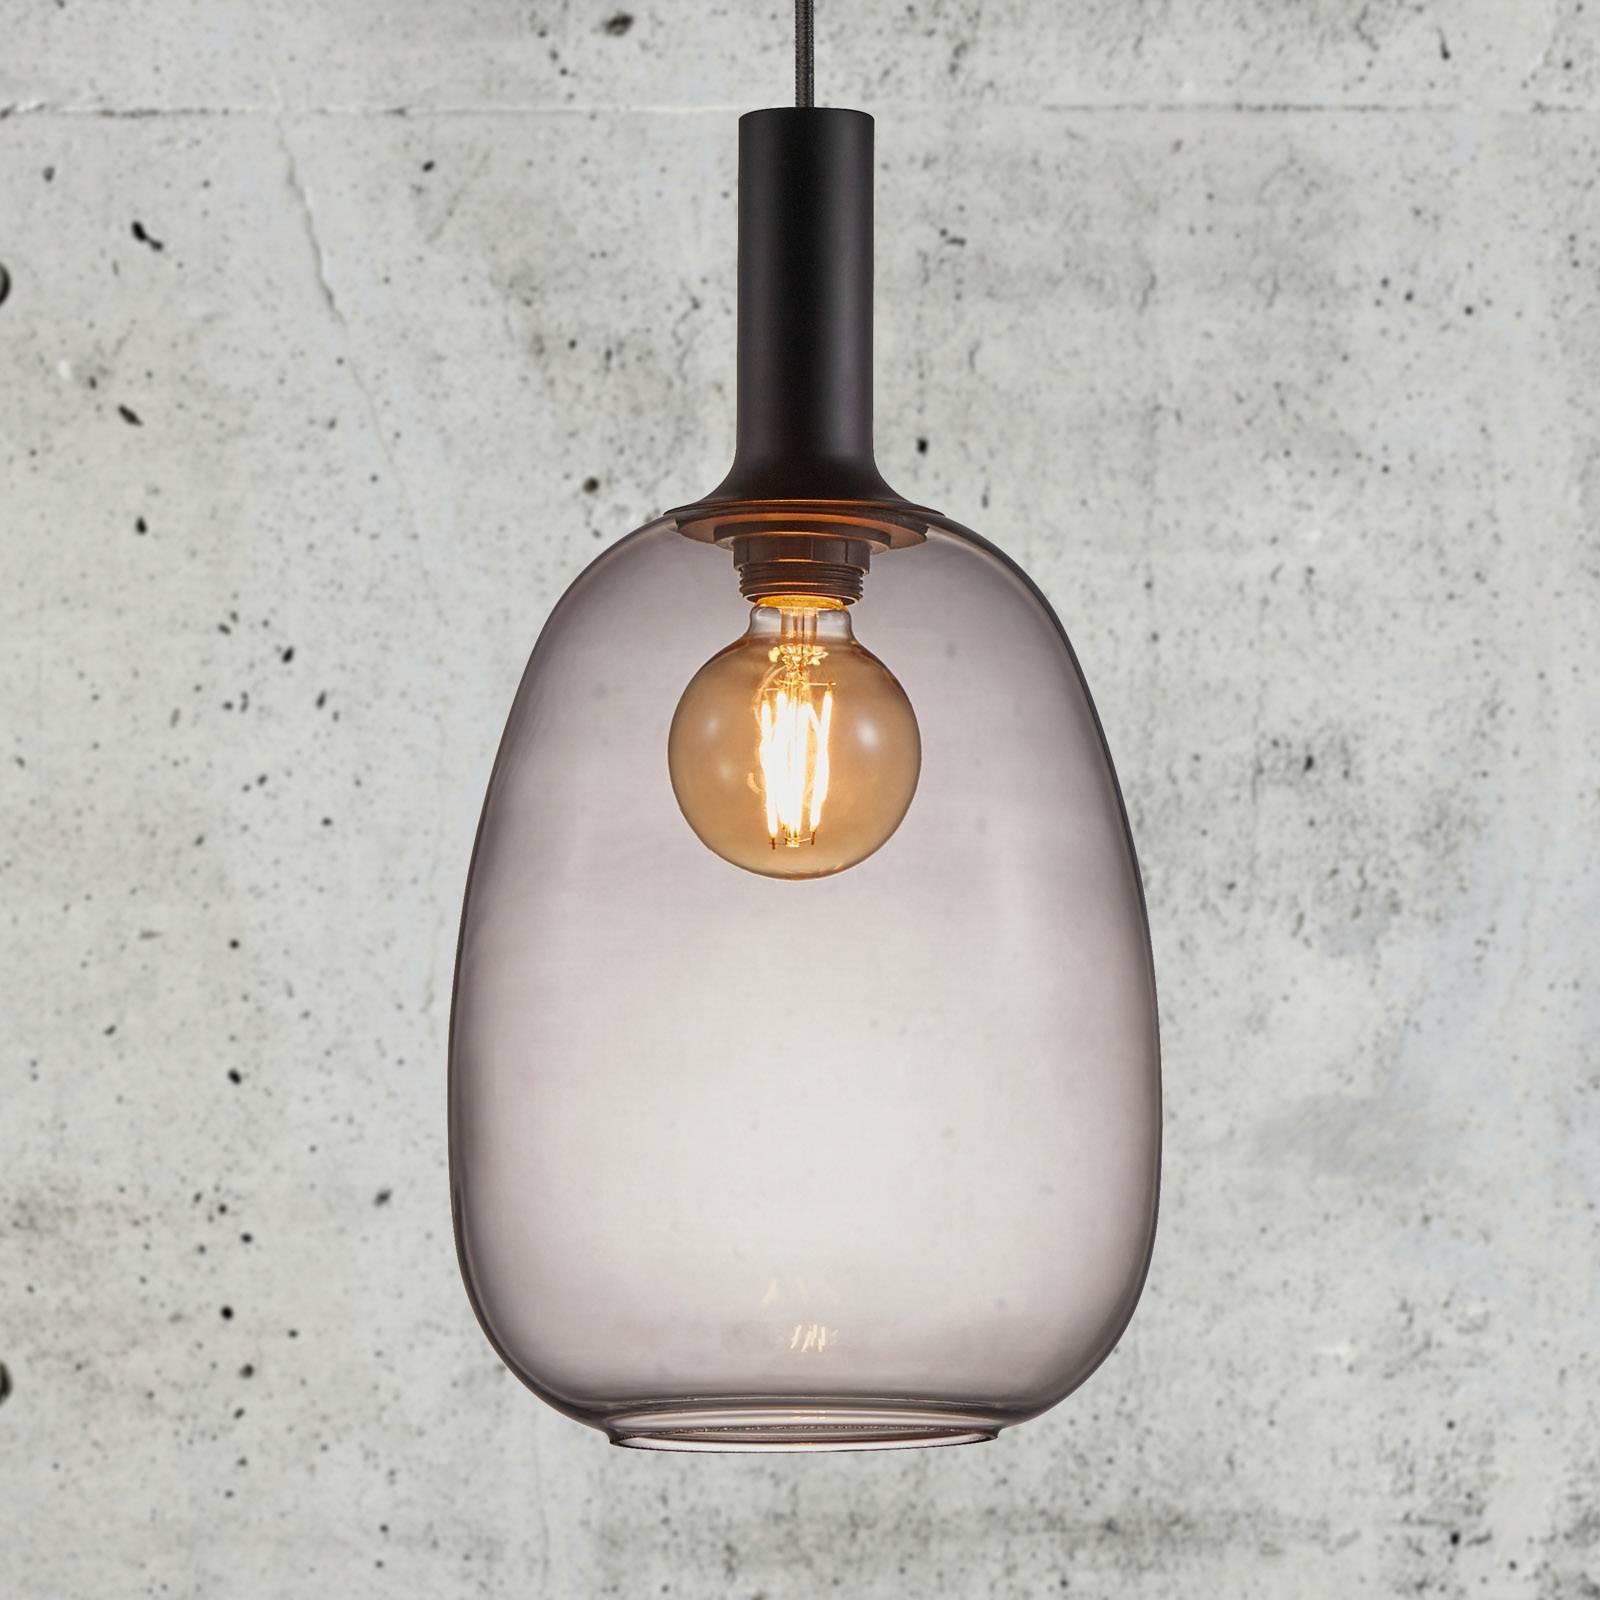 Billede af Alton hængelampe med glasskærm, røggrå, Ø 23 cm